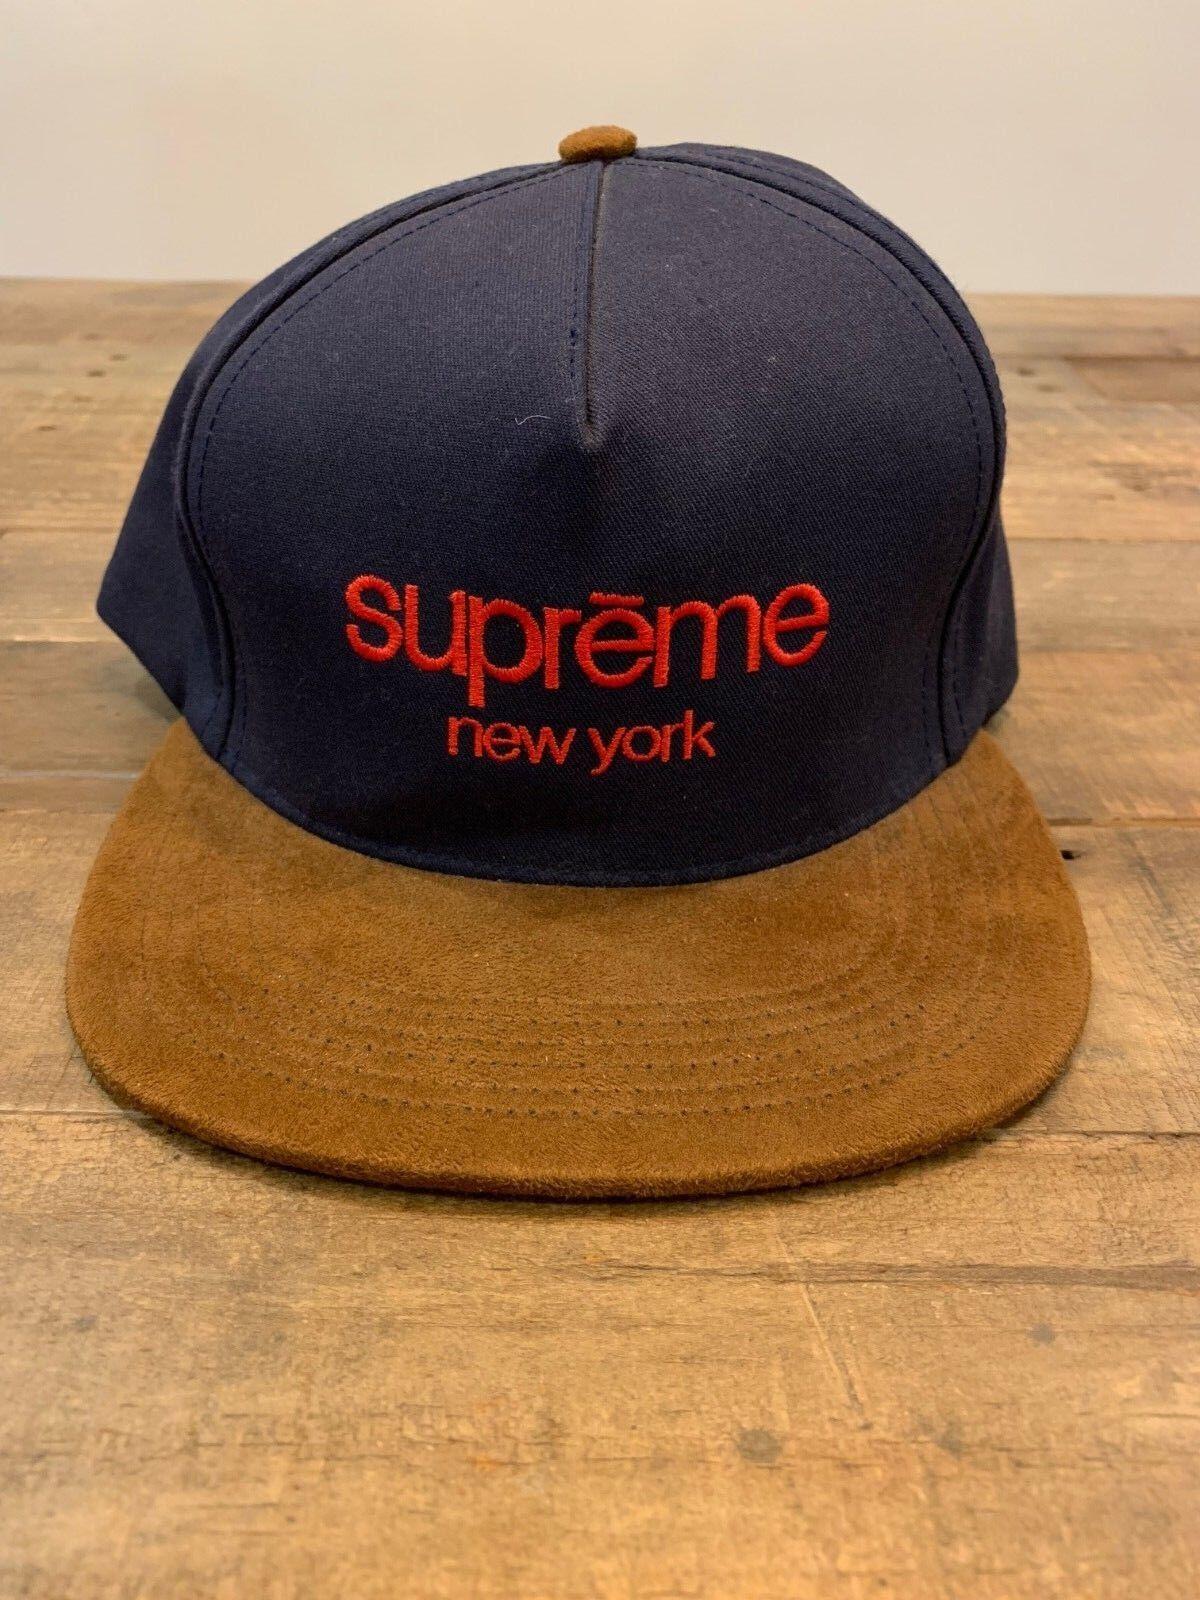 Supreme Adjustable hat navy red